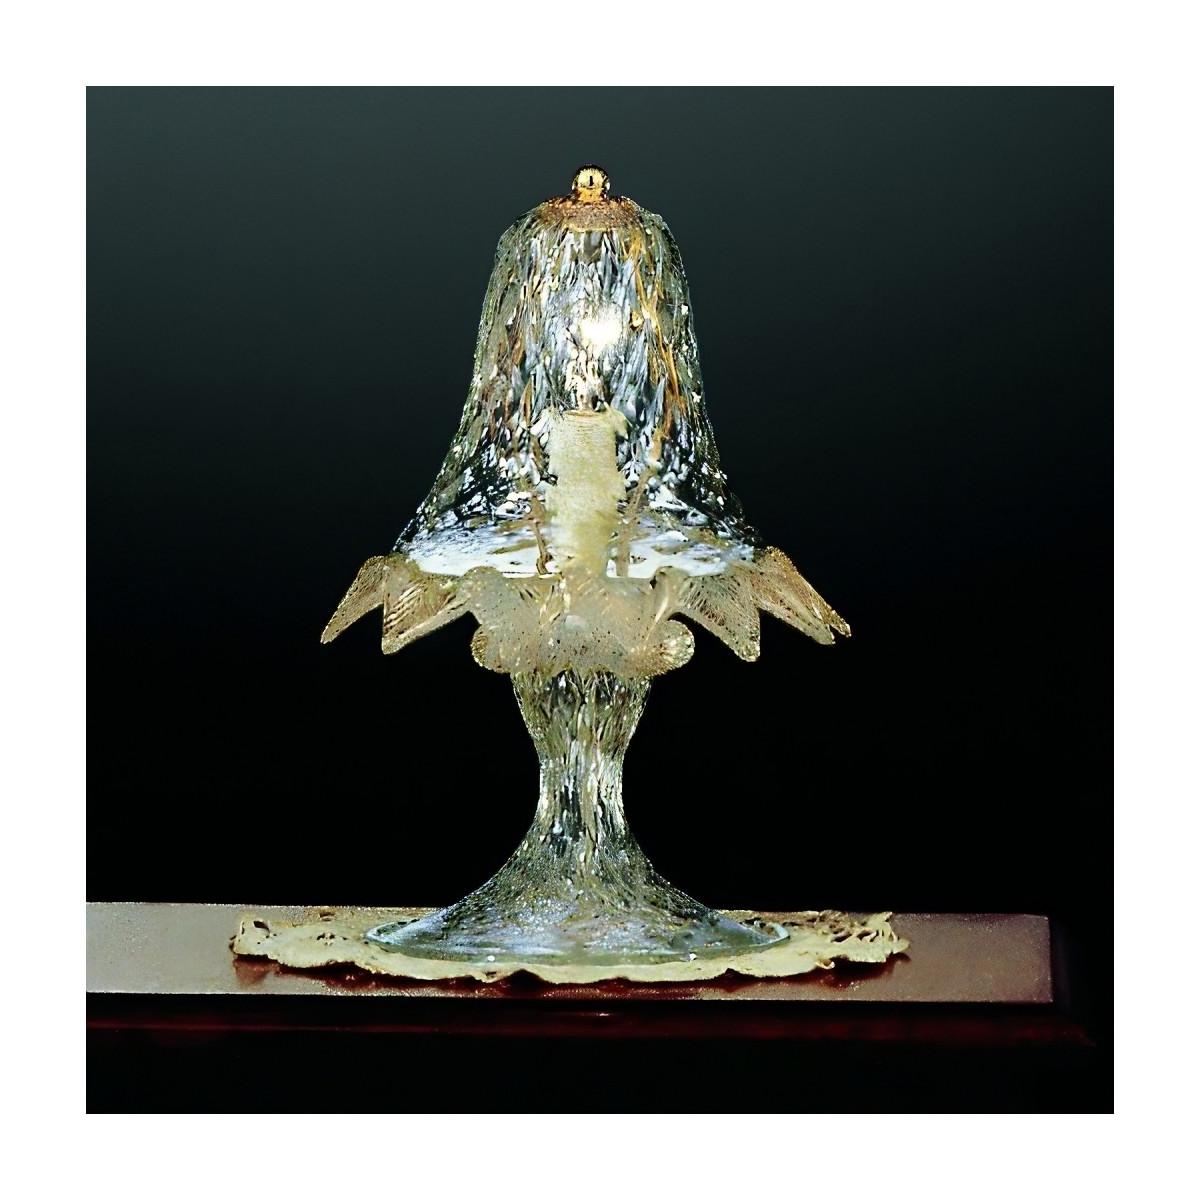 Casanova lampe de chevet en verre de Murano-  couleur transparent or